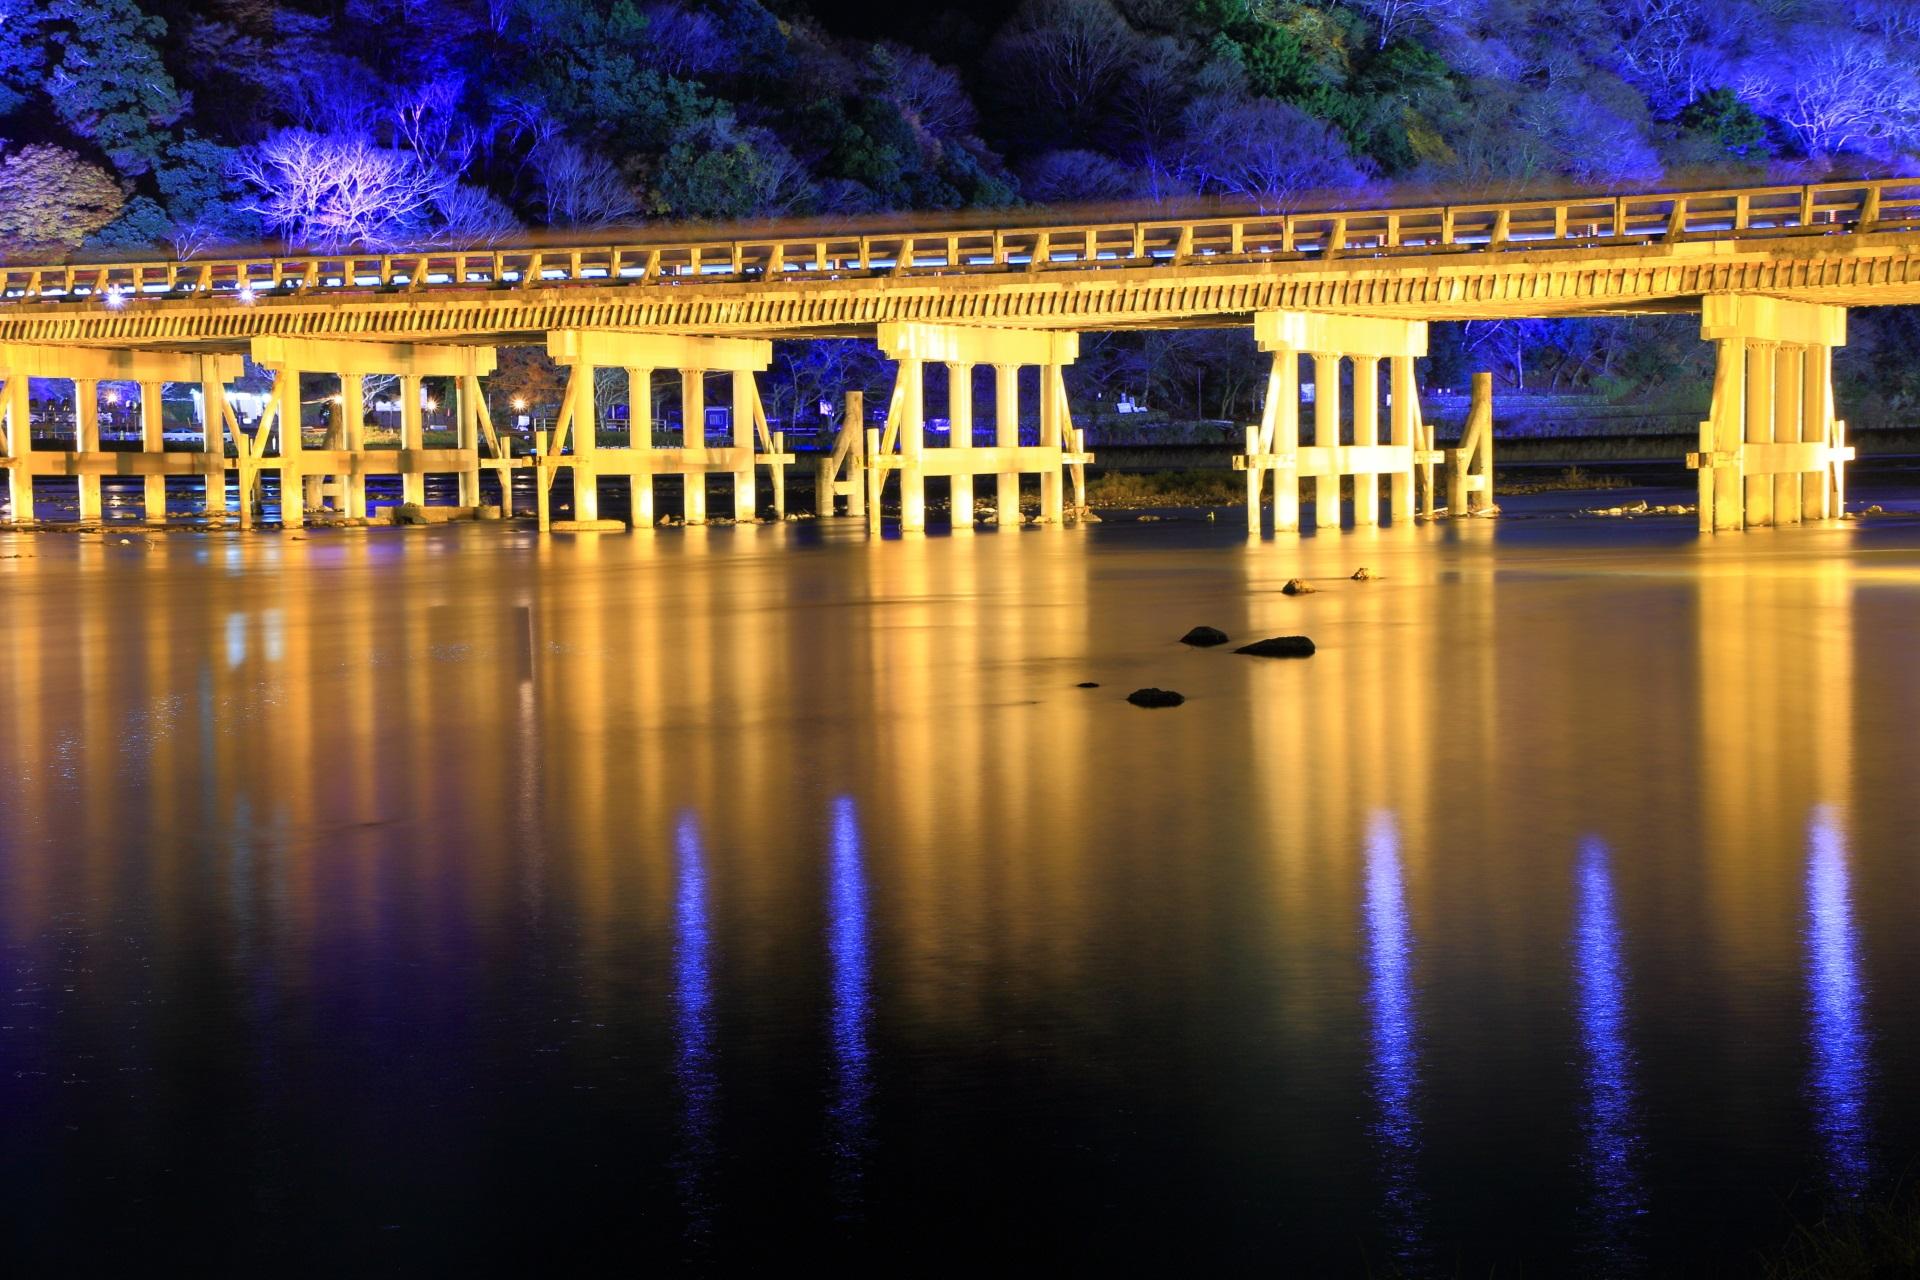 嵐山花灯路 渡月橋 保津川 高画質 写真